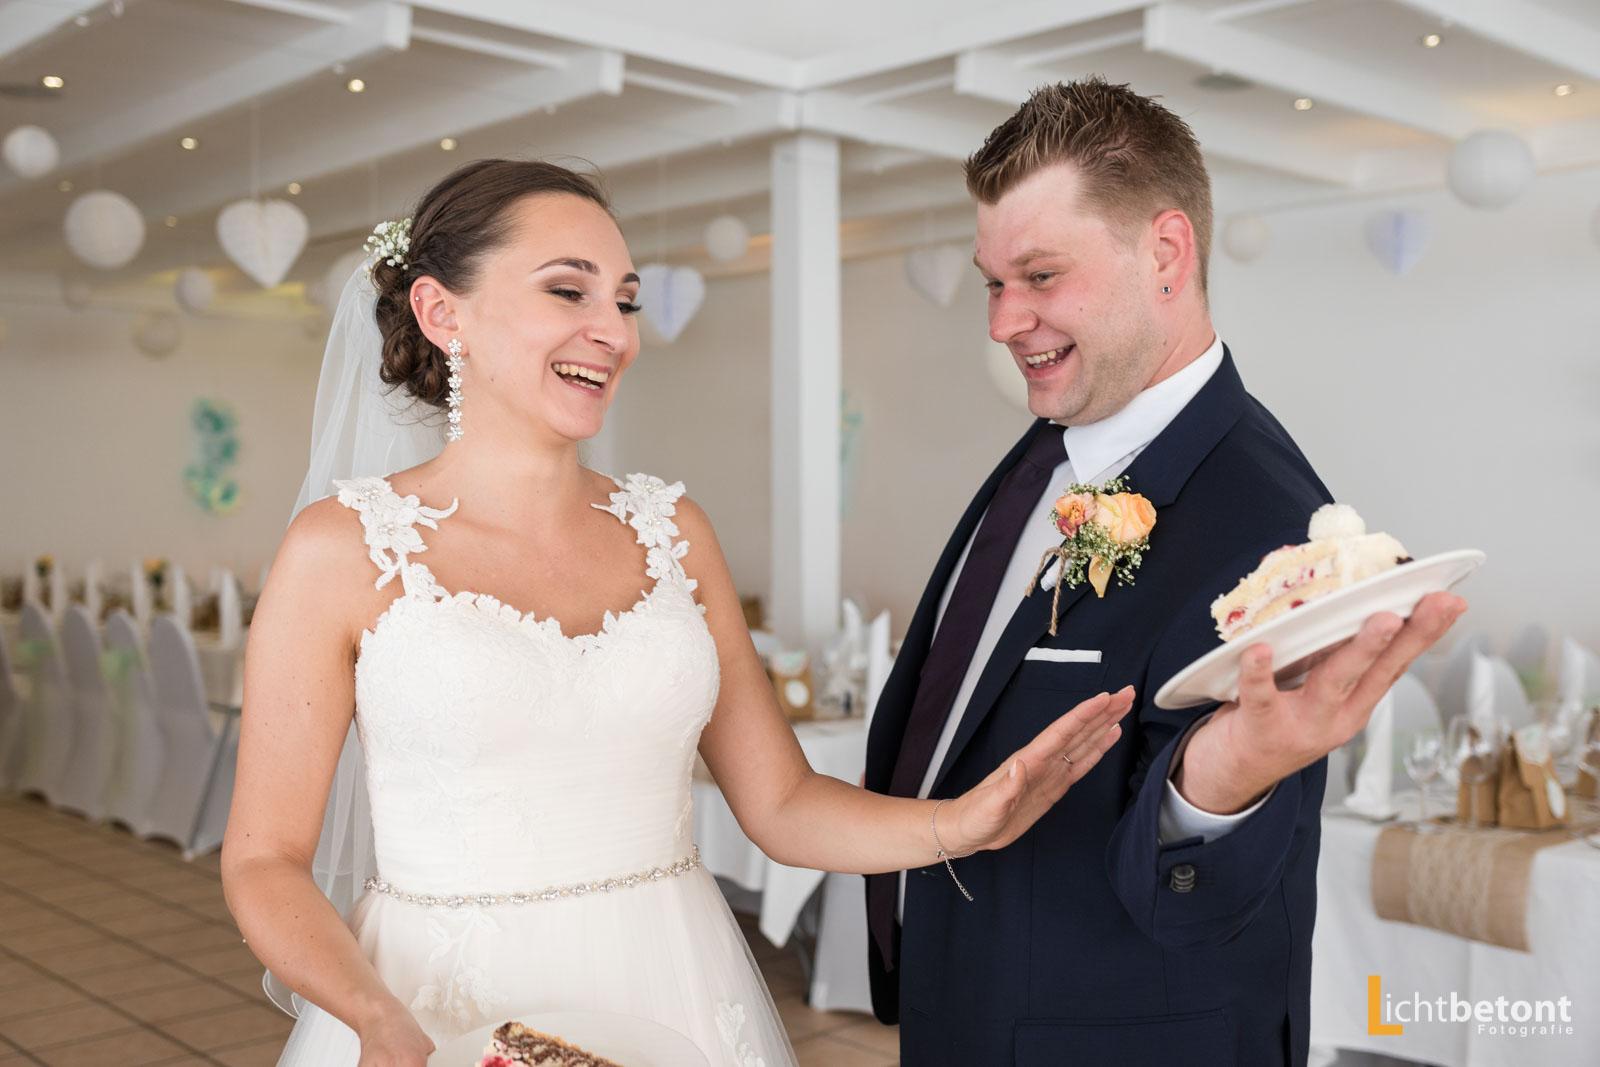 Hochzeitsreportage Seehaus Asam Kirche Ingolstadt Barocksaal Baggersee heiraten Hochzeitsfeier_0048